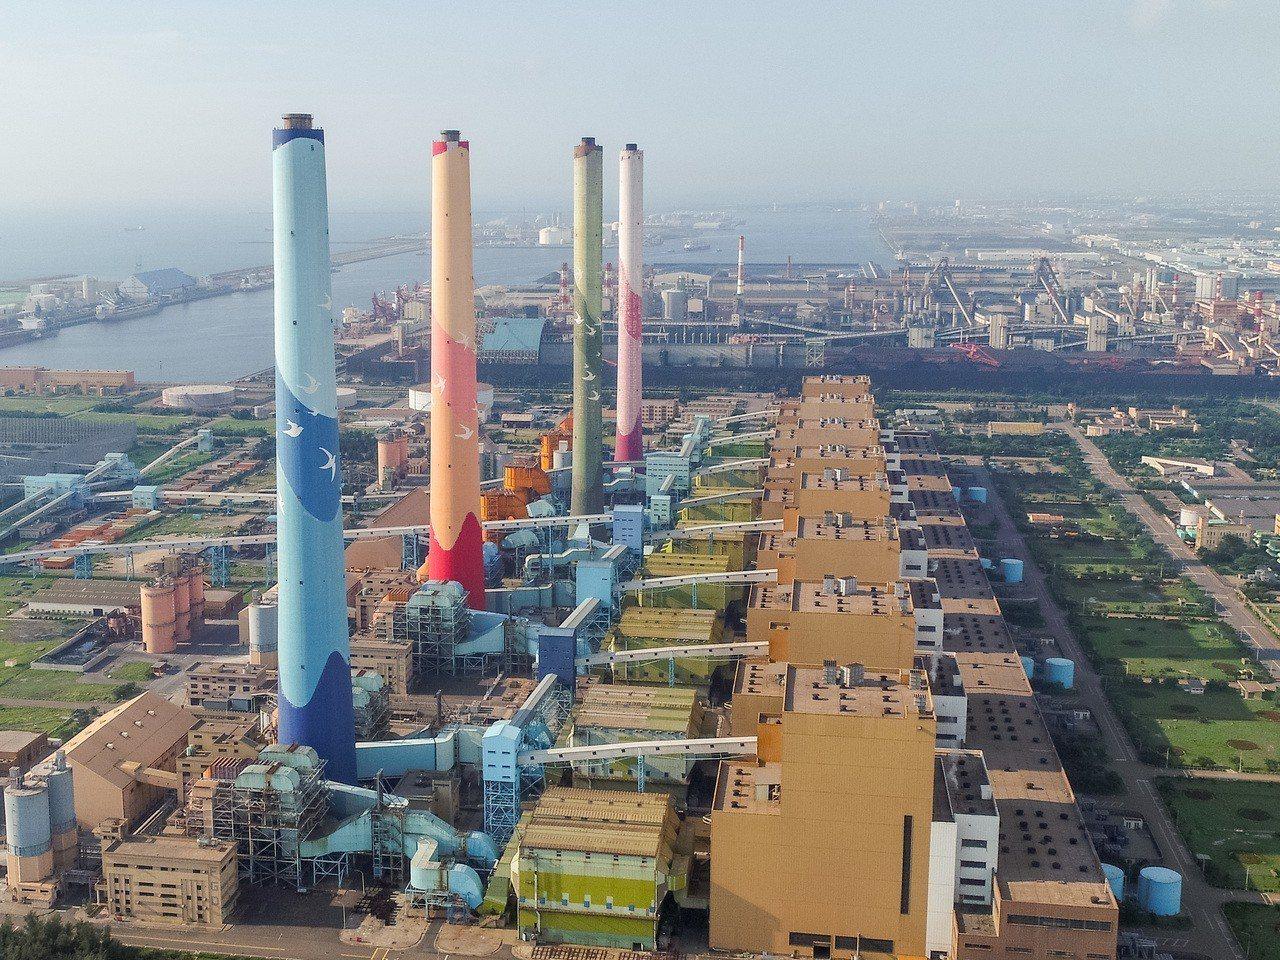 台中火力發電廠放流水3次硝酸鹽氮超標,水汙染情節重大,被台中市環保局重罰2000...